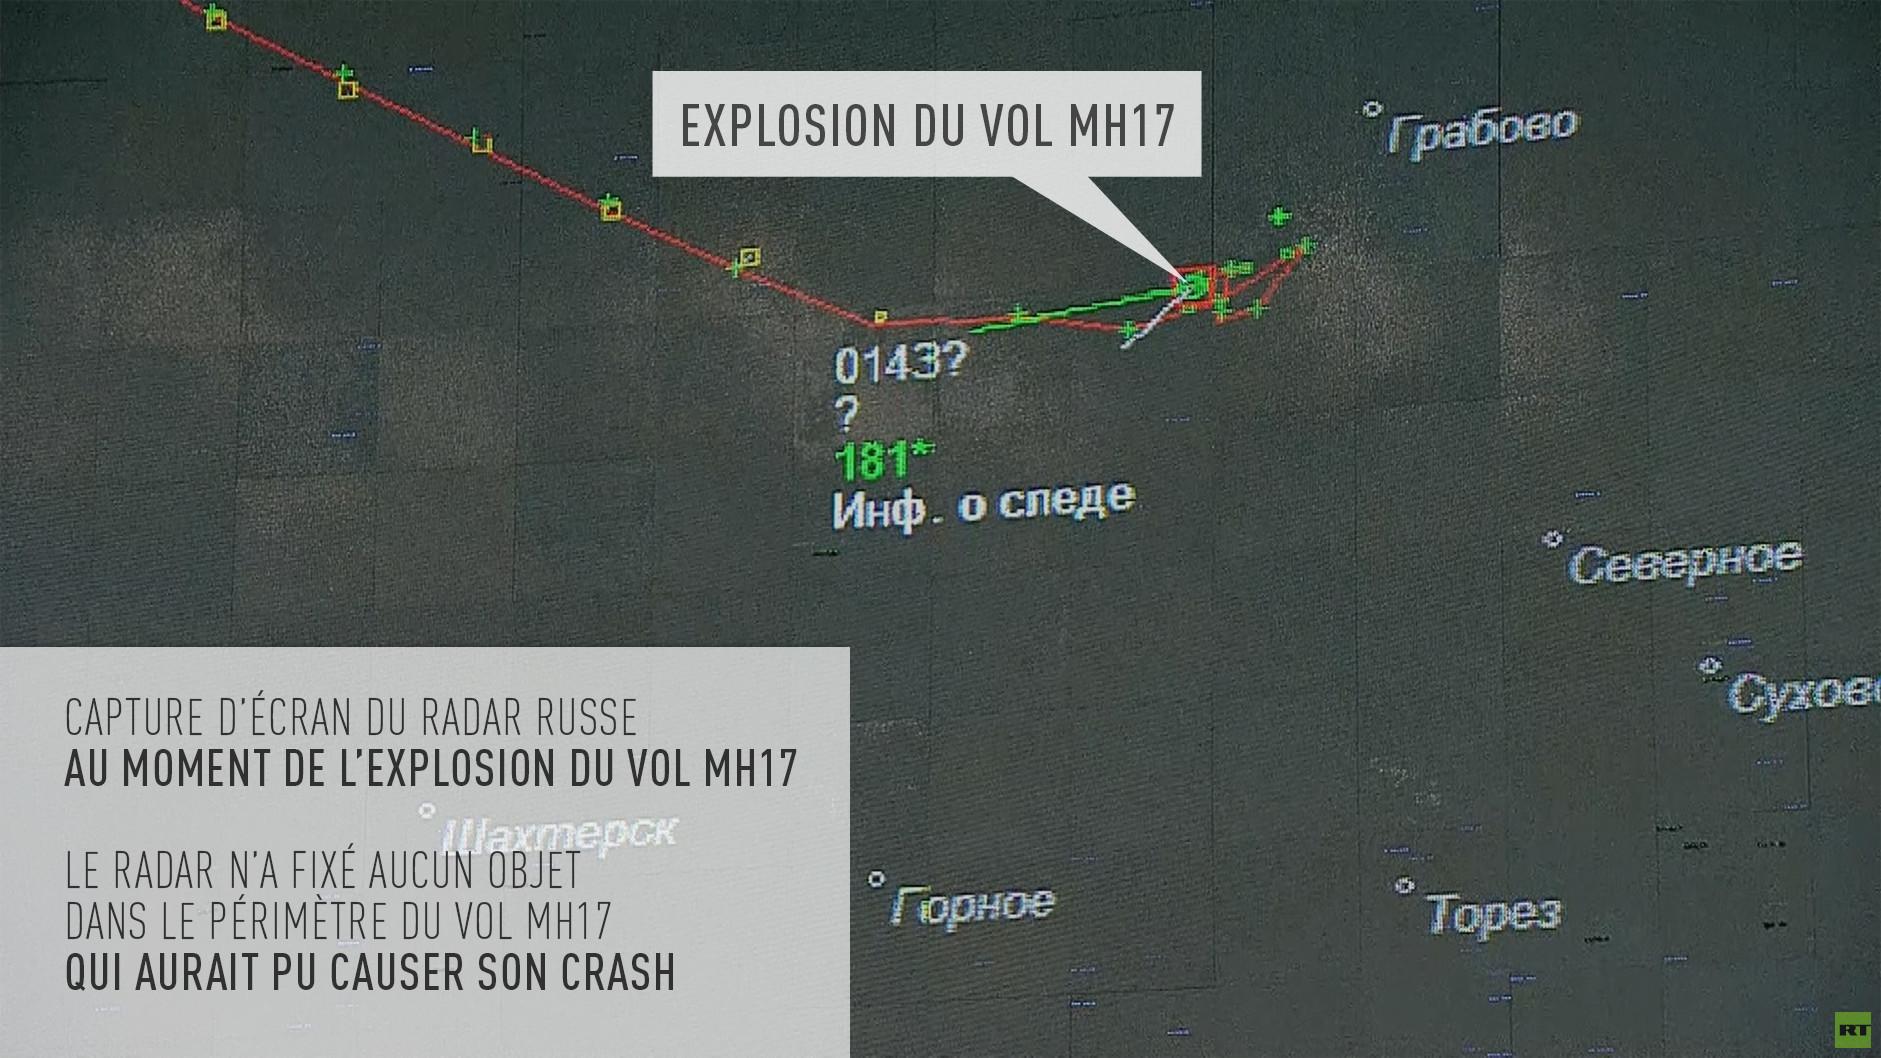 Moscou : le radar russe n'a pas détecté d'objet suspect près du site du crash du vol MH17 en 2014